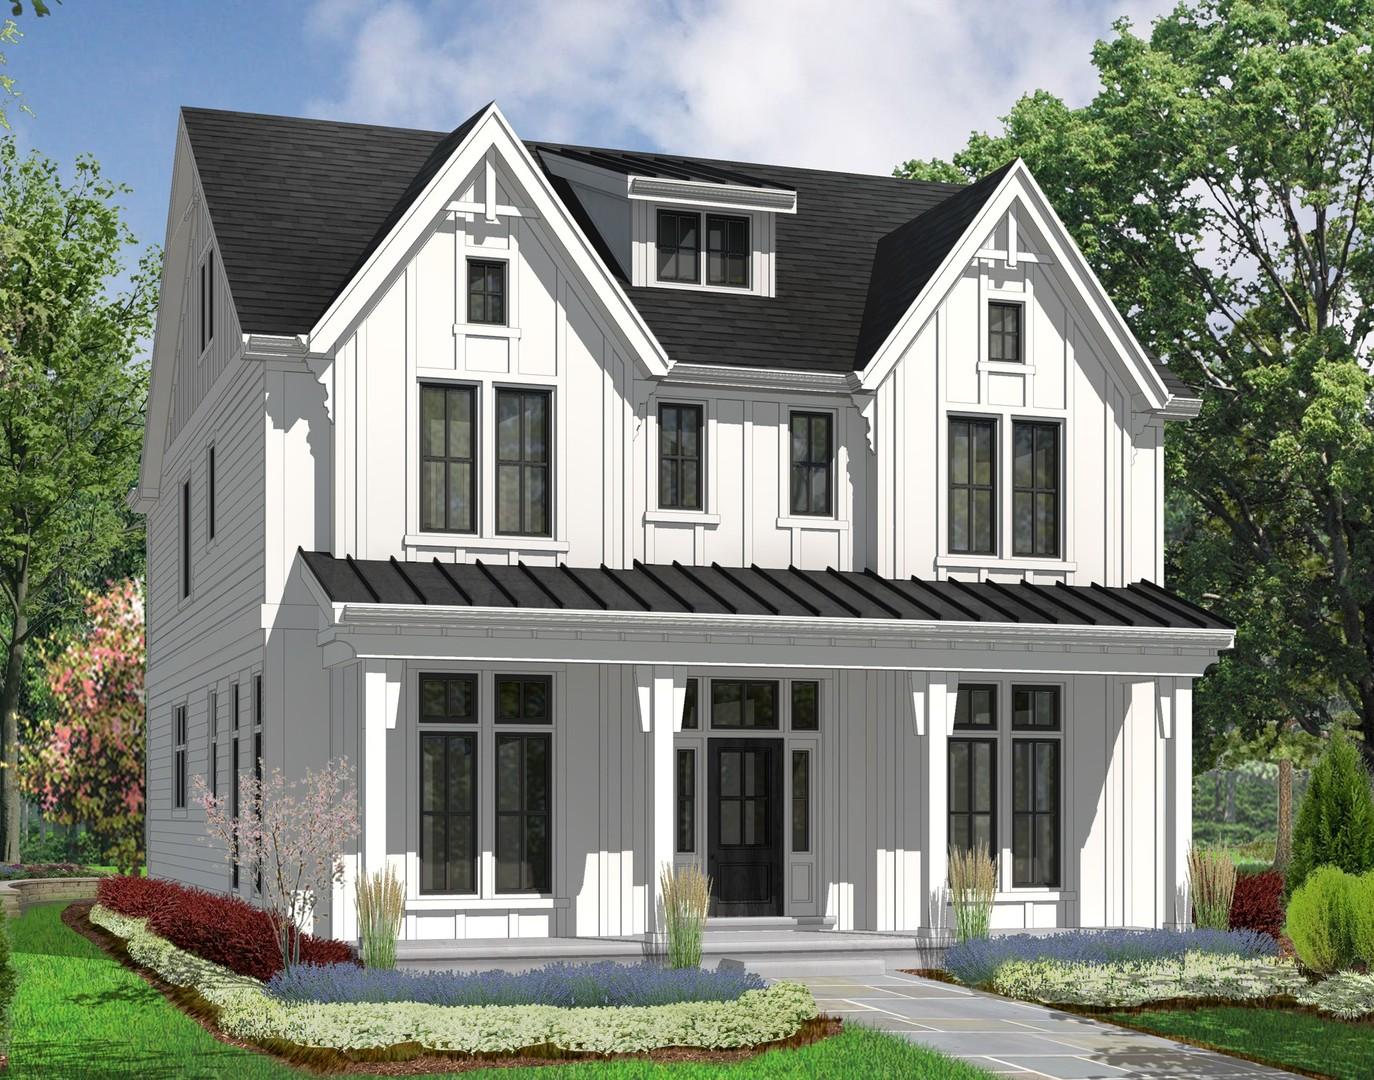 104 North Chester Avenue Park Ridge, IL 60068